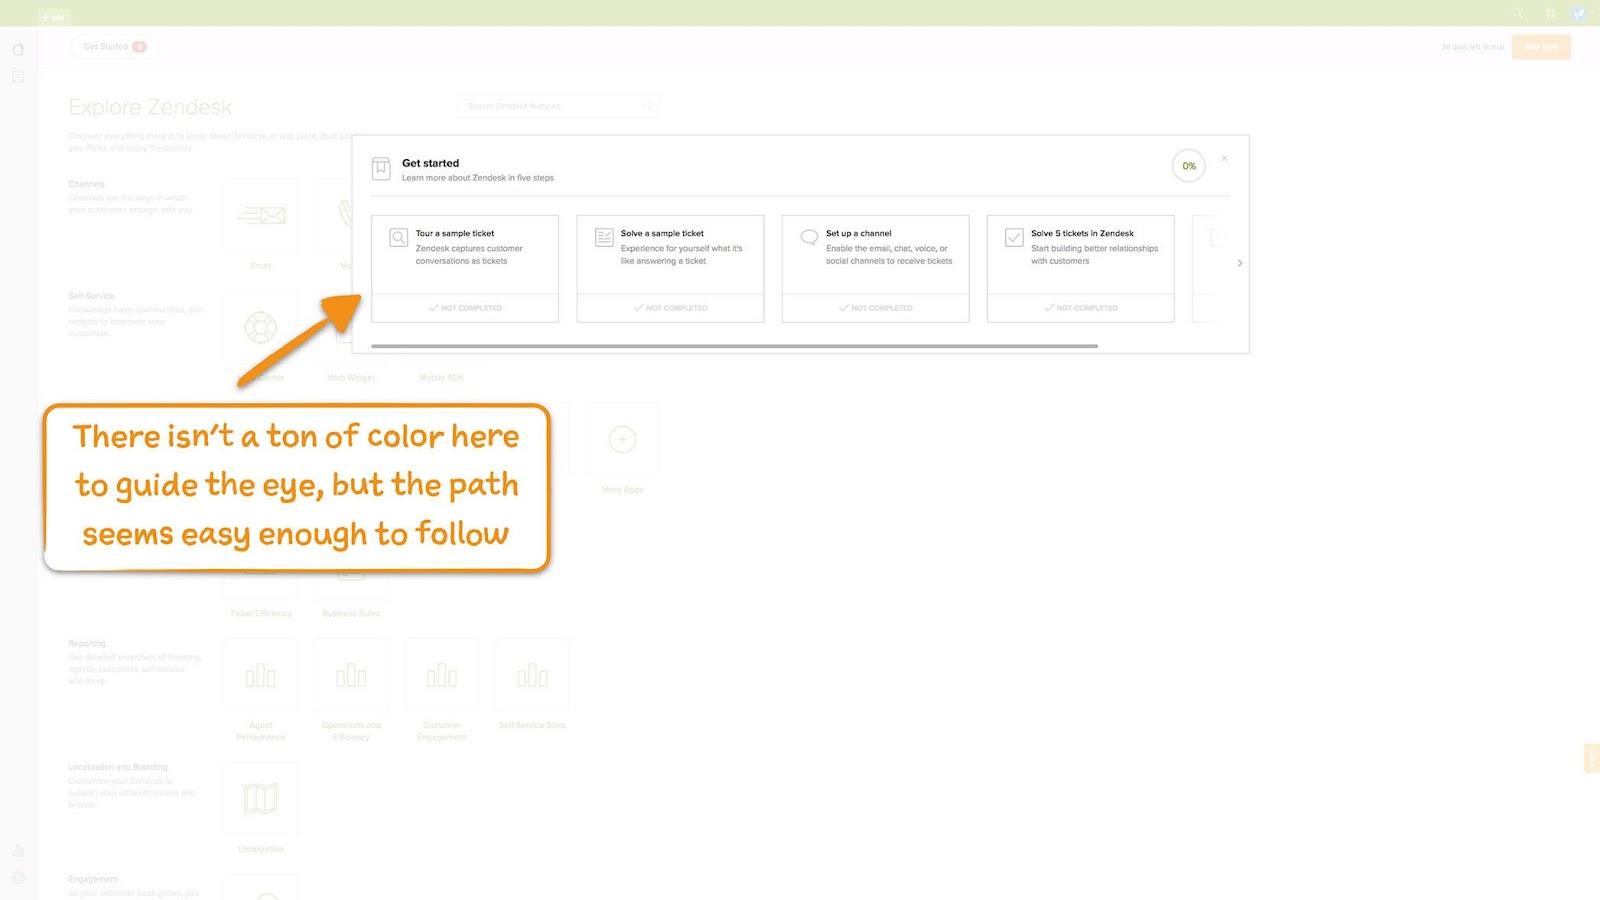 افزایش کارآیی و بهبود تجربهی مشتری (User Experience)